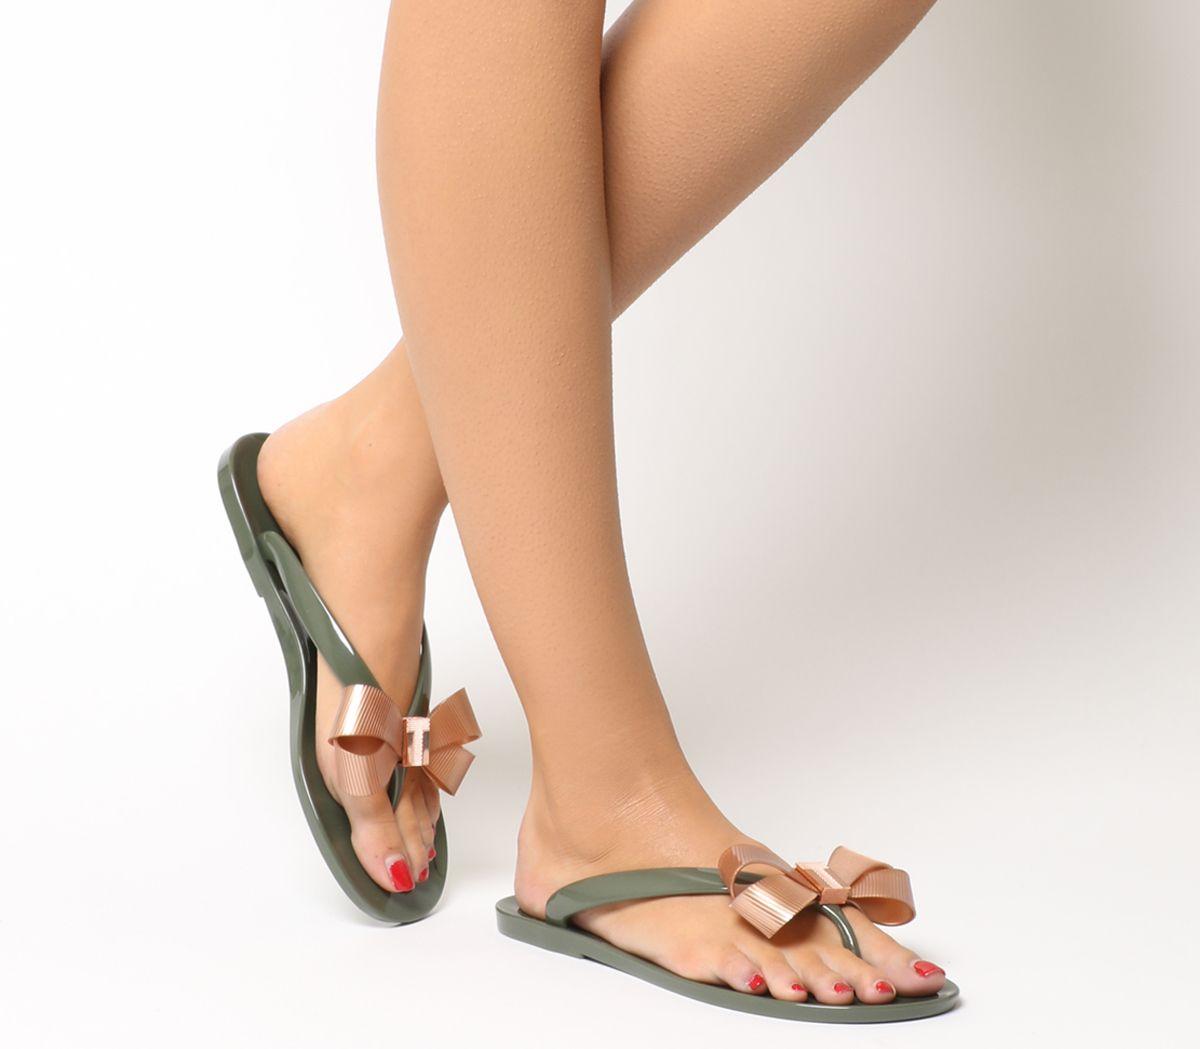 b0fd9e1eb735 Ted Baker Suszie Flip Flops Khaki Rose Gold - Sandals